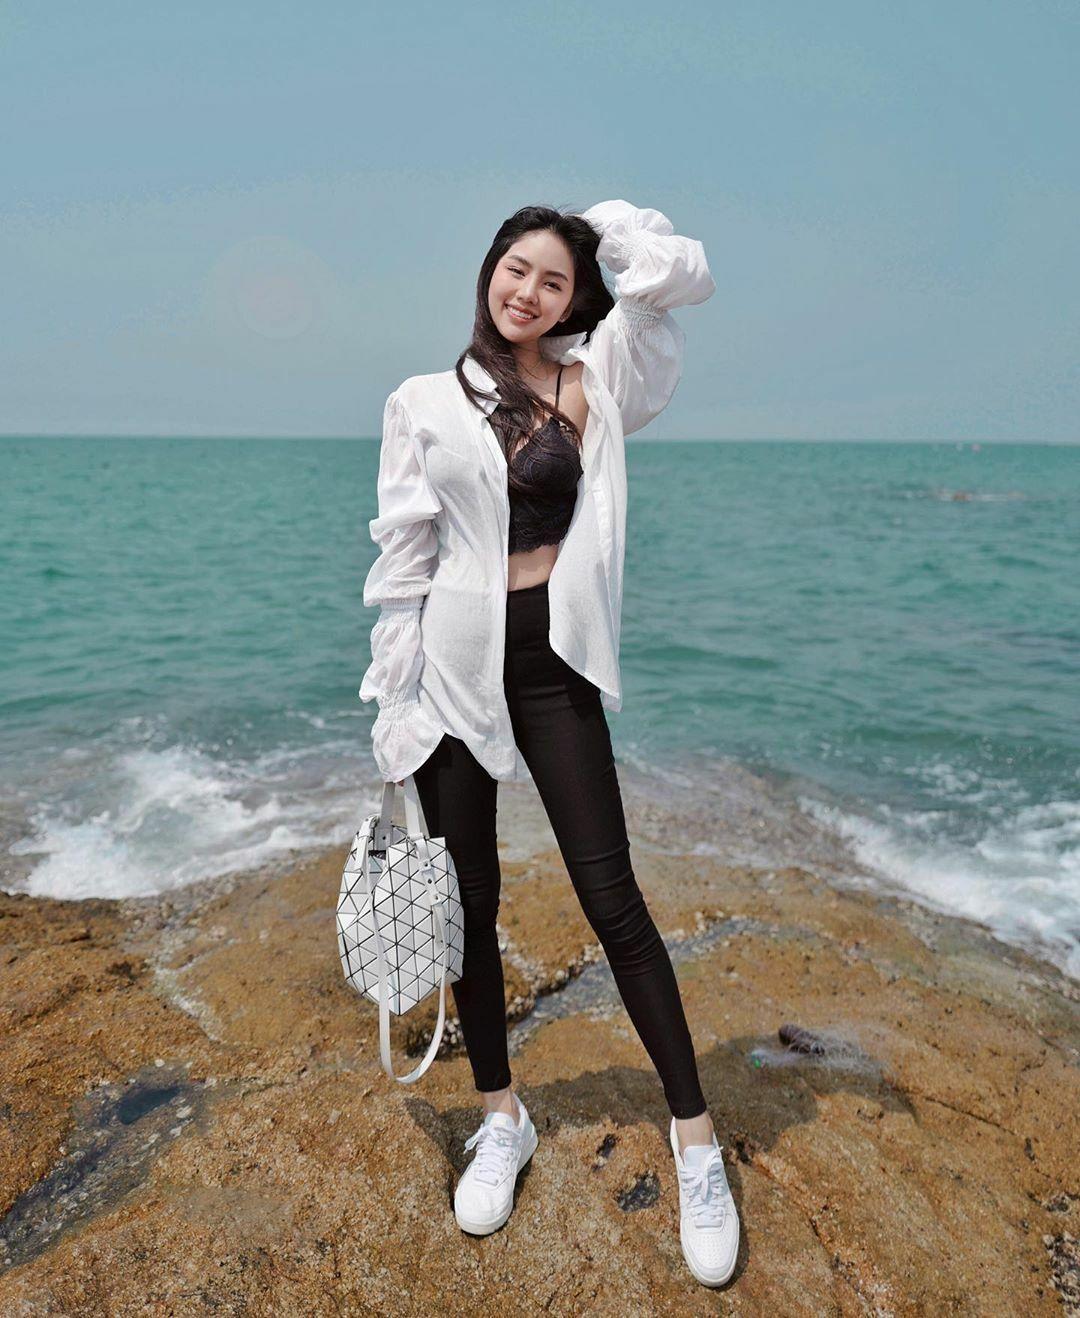 Không chỉ có gương mặt xinh đẹp, nàng rich kid còn có thân hình mảnh mai, đôi chân dài như người mẫu.